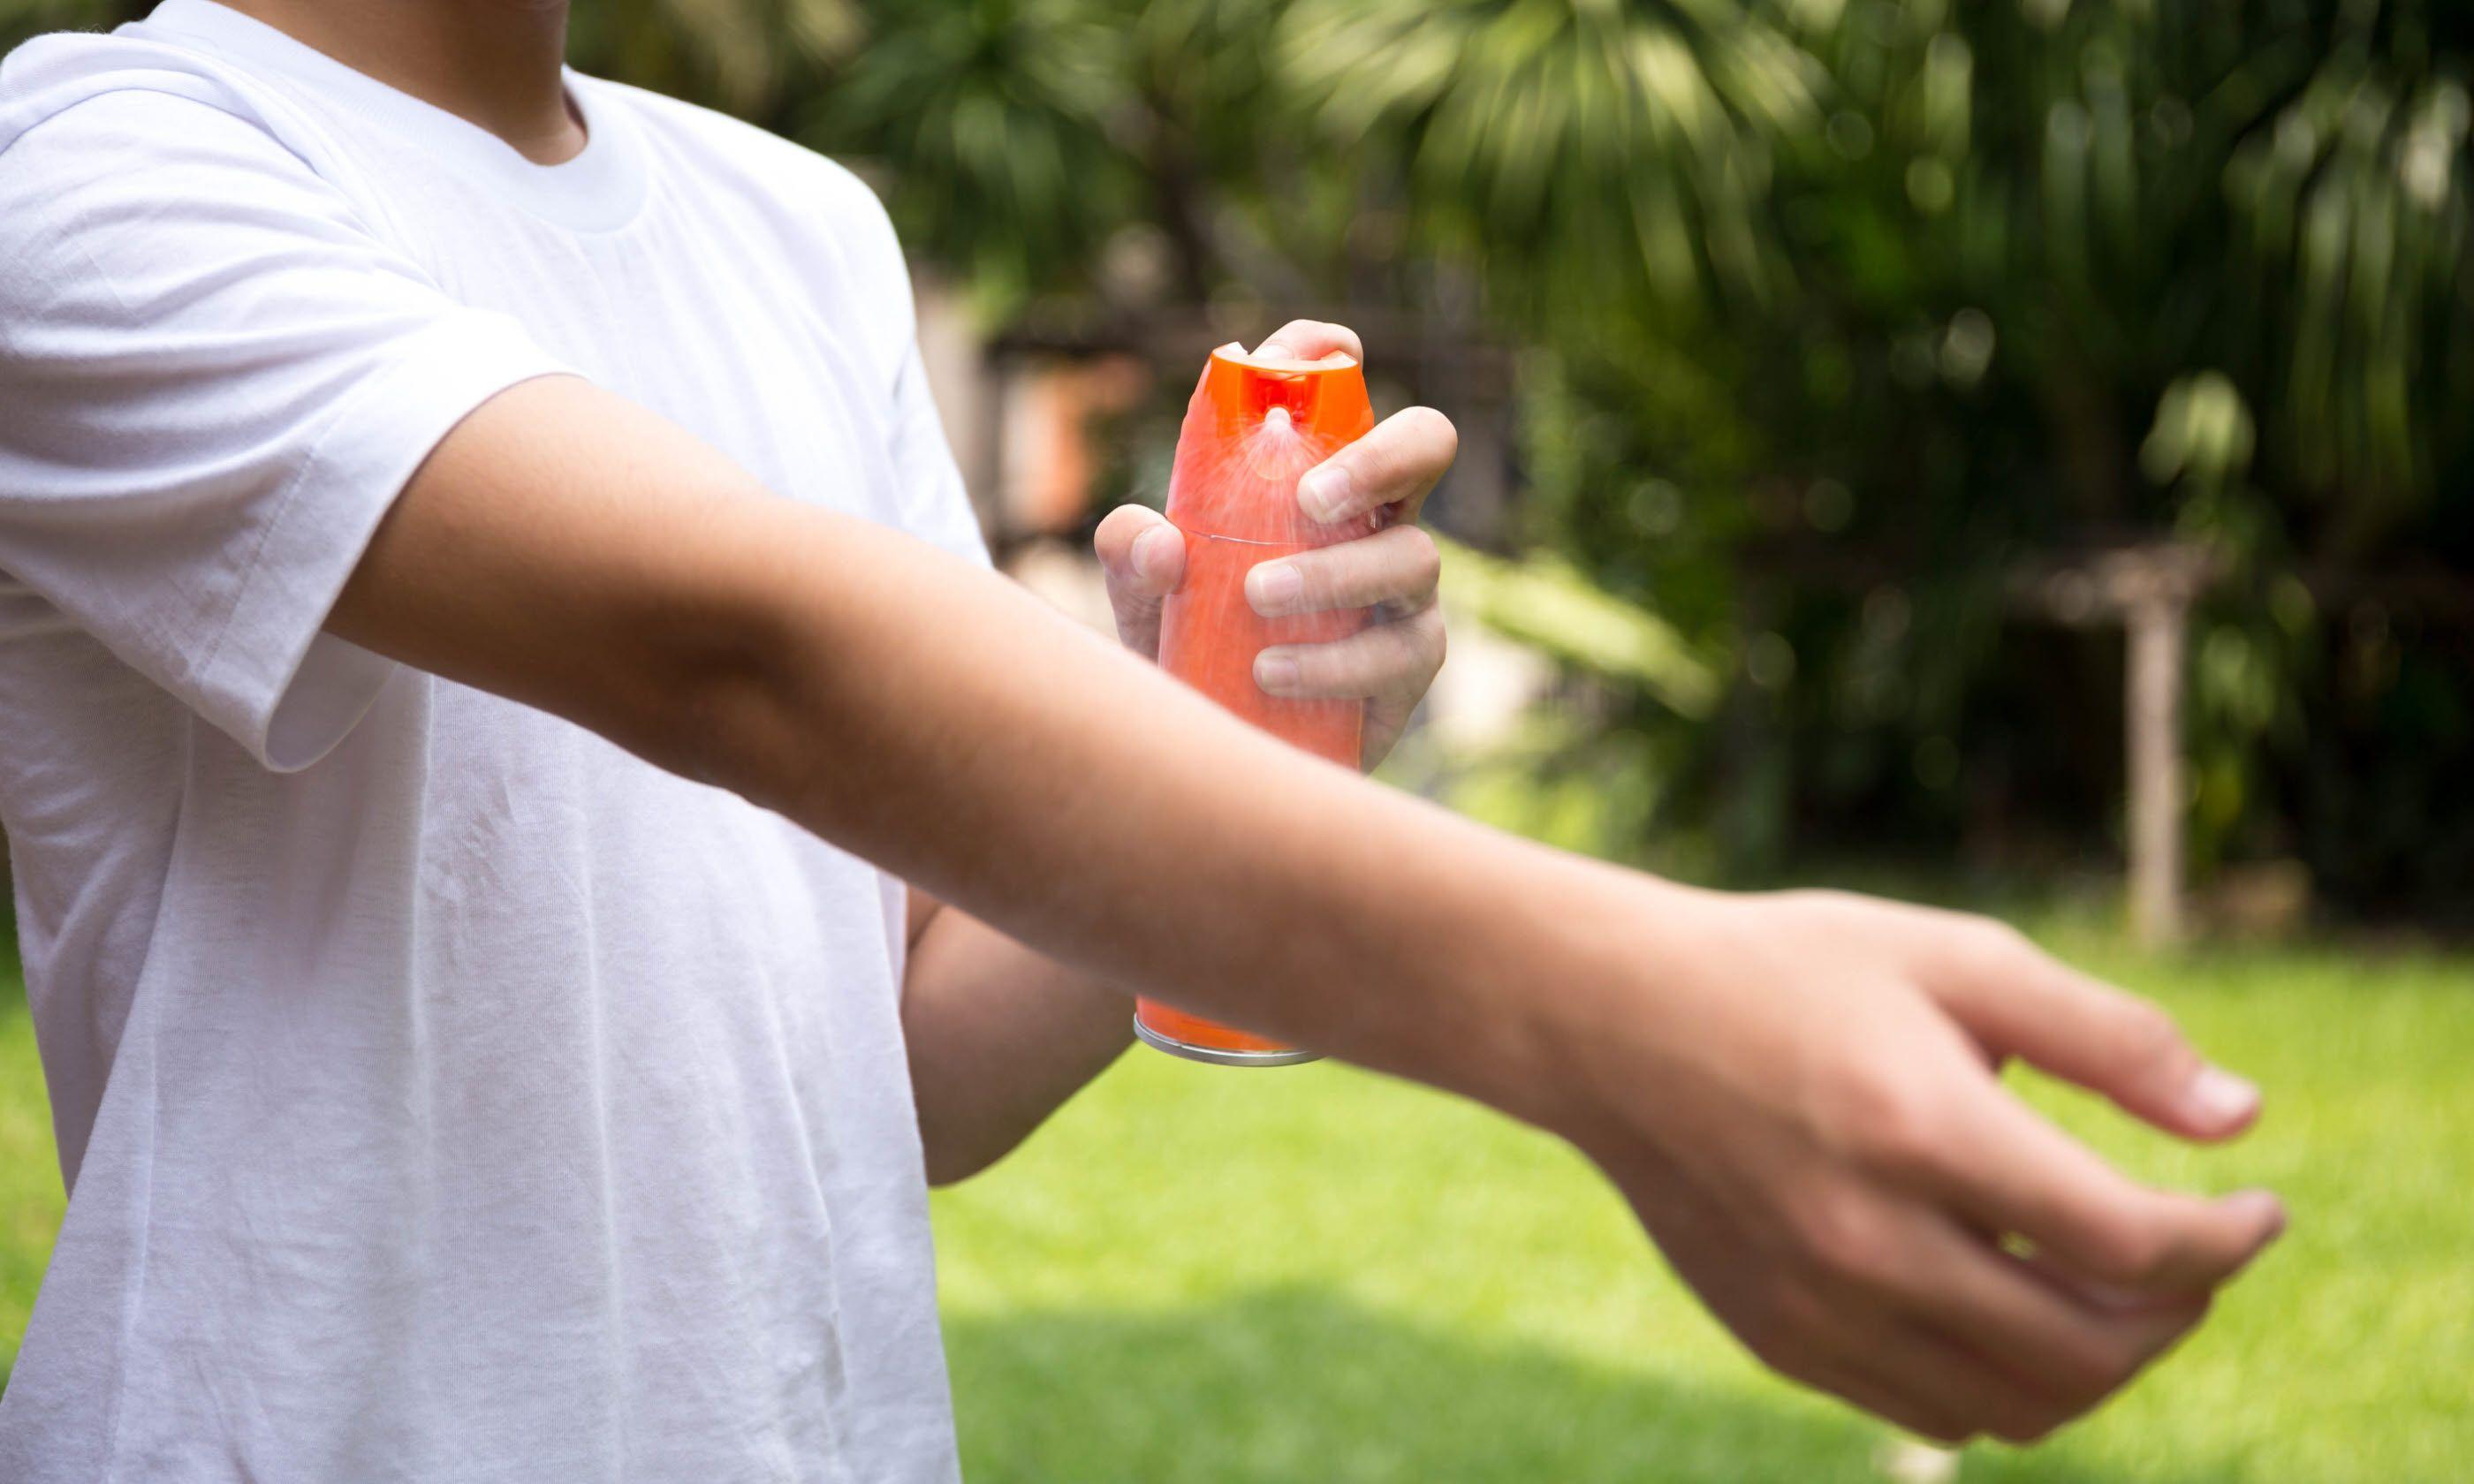 Newb latino love juice sprayed